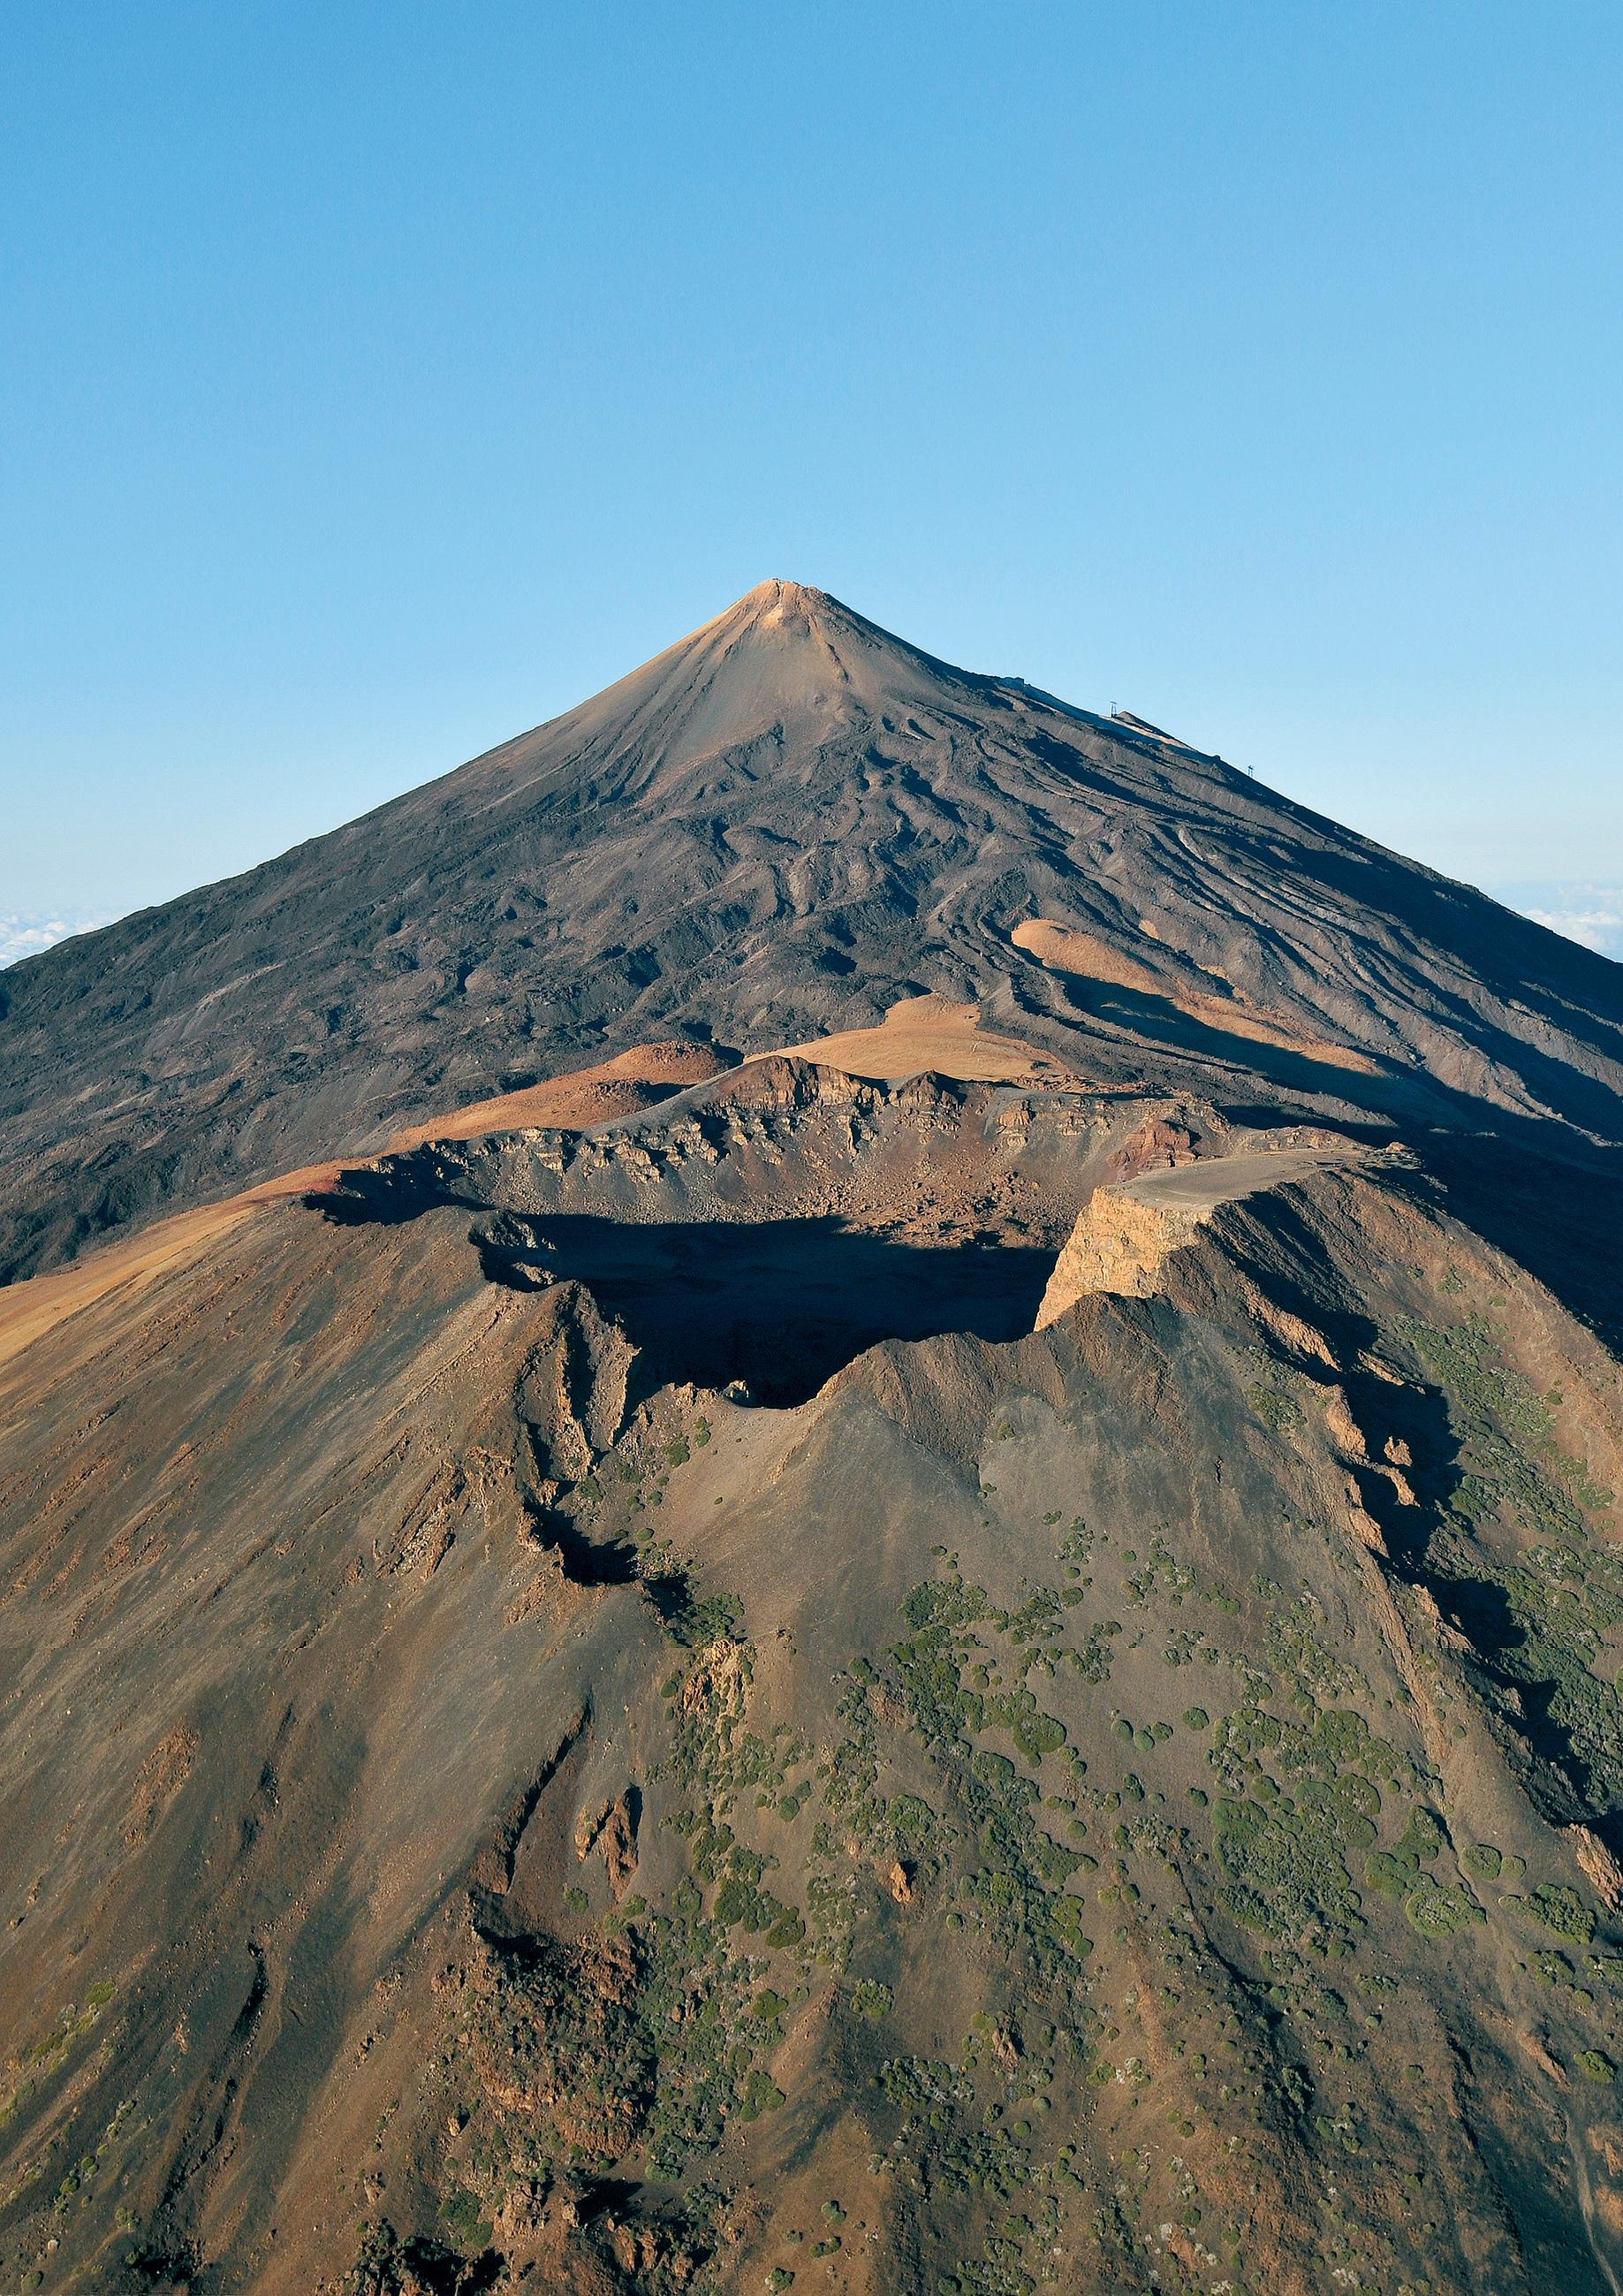 Salire sul Teide senza permesso: il cratere Pico Viejo, Teide